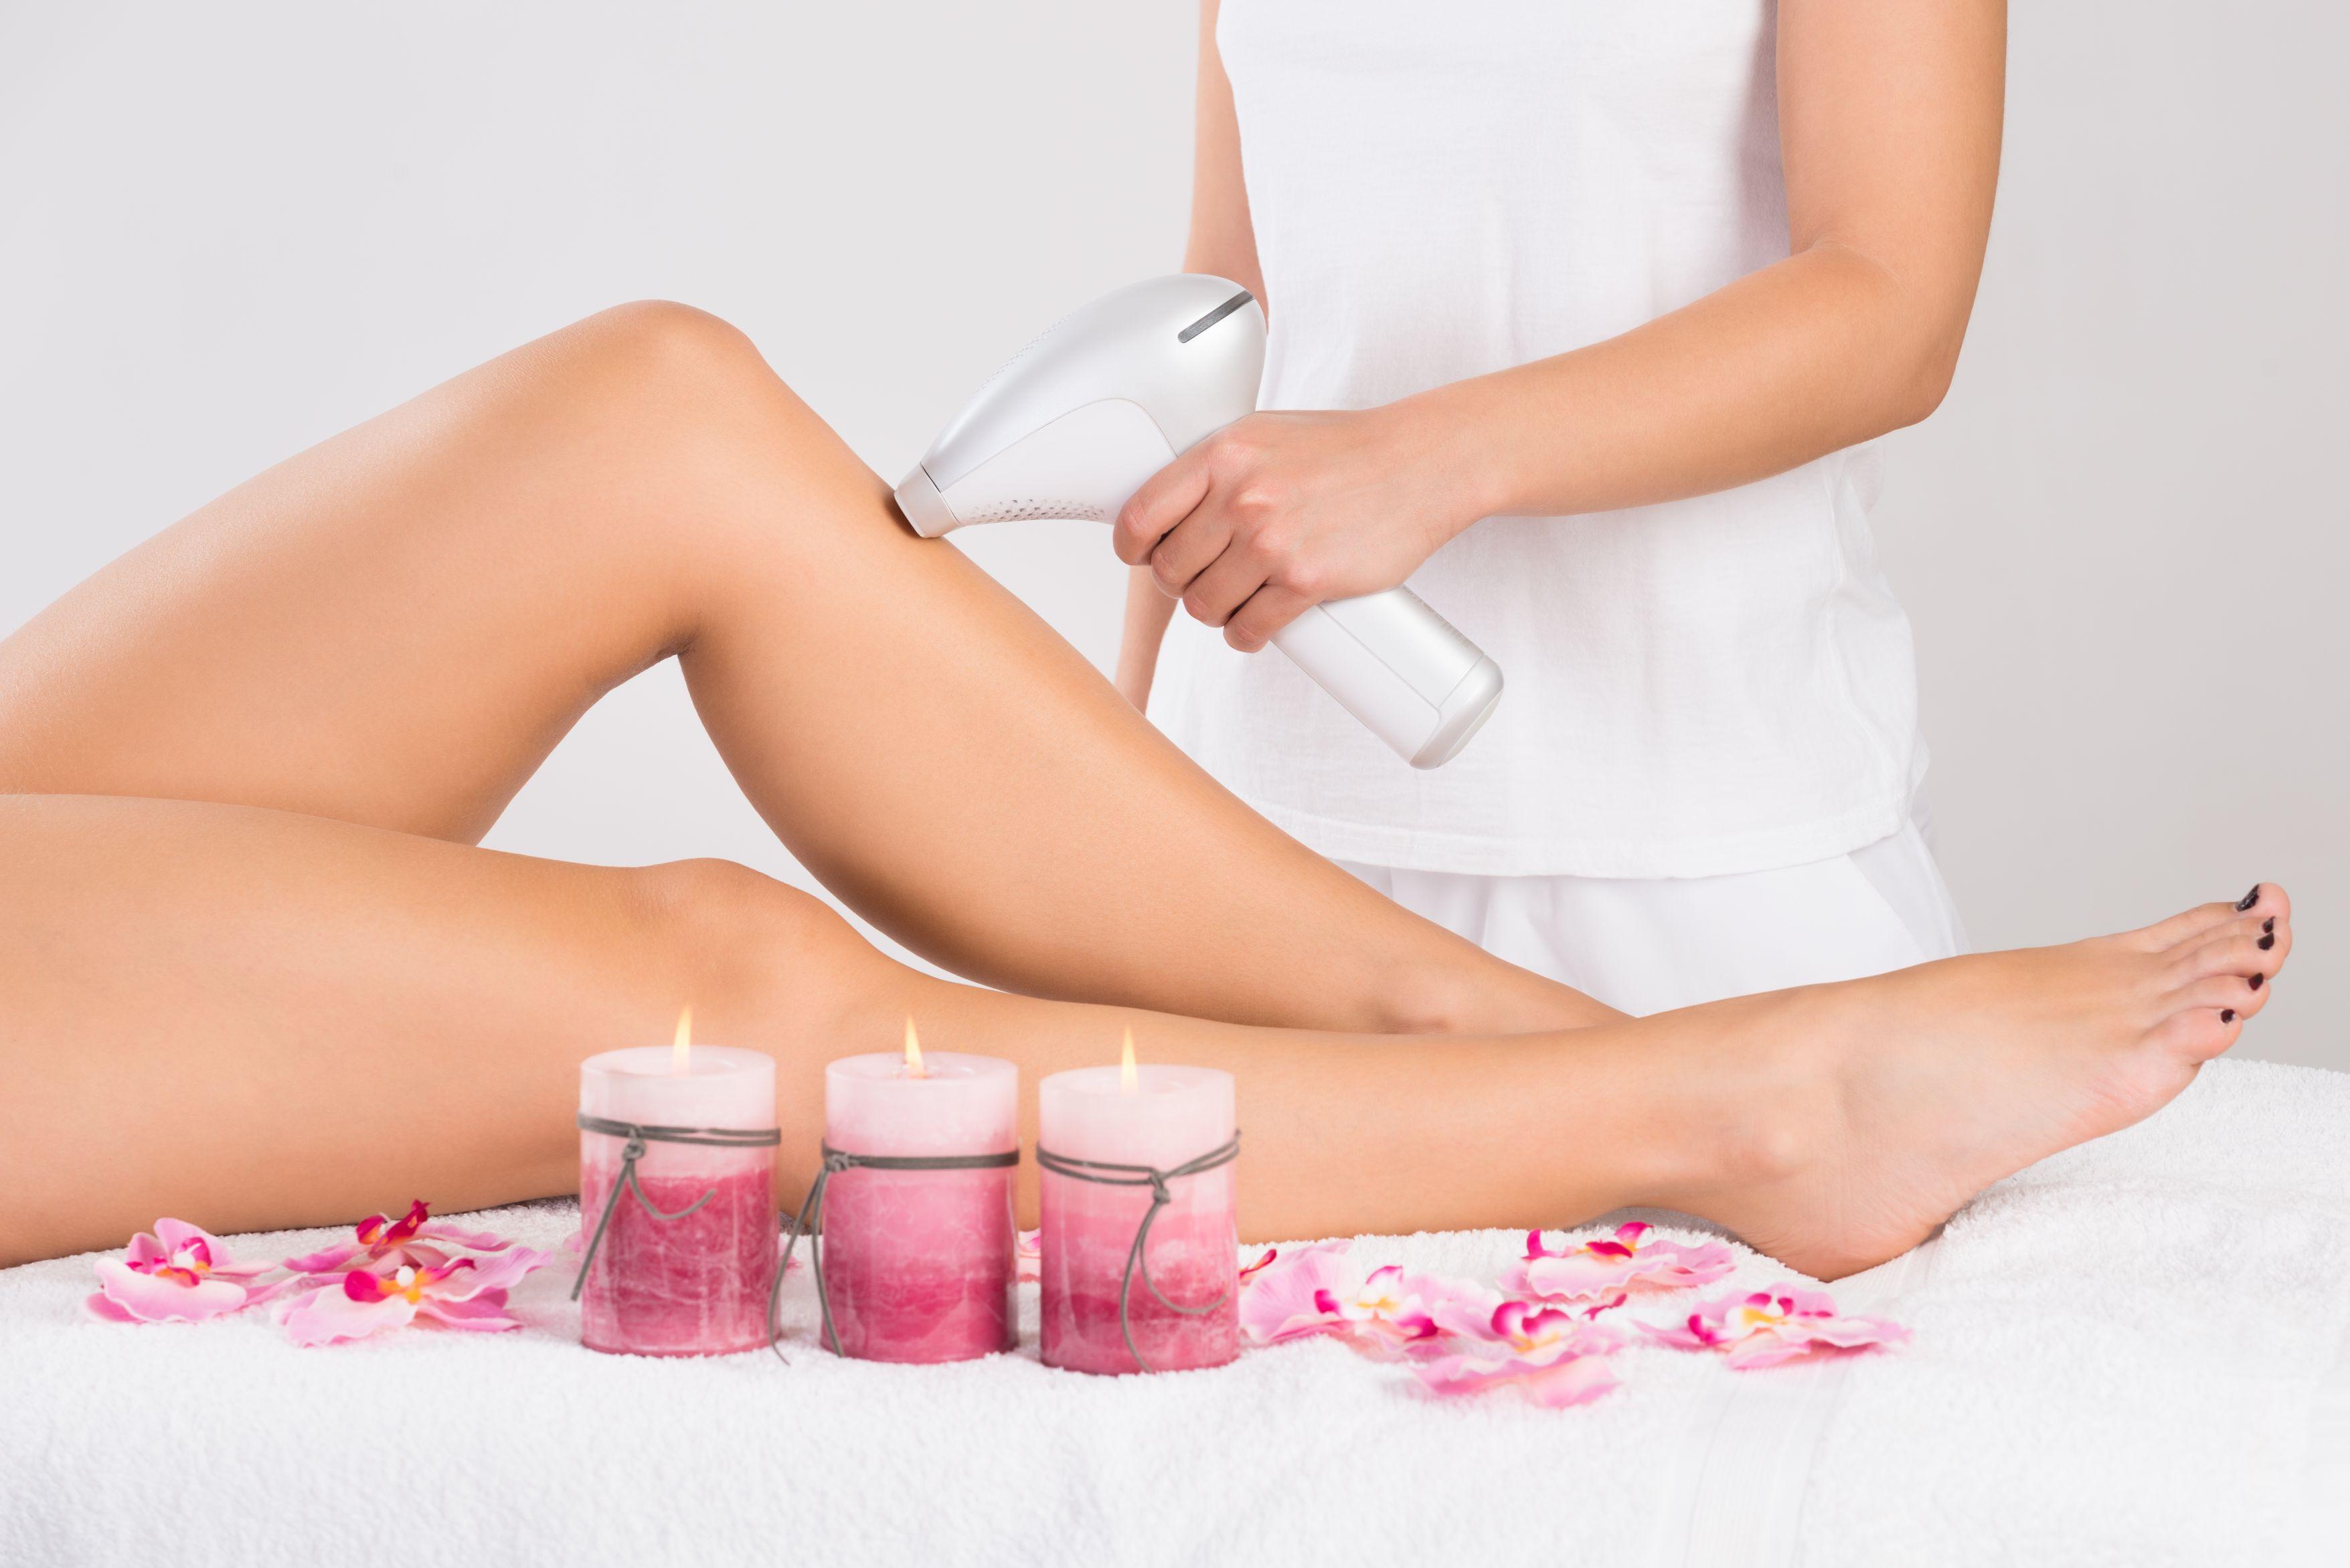 hair-removal-laser-electrolysis